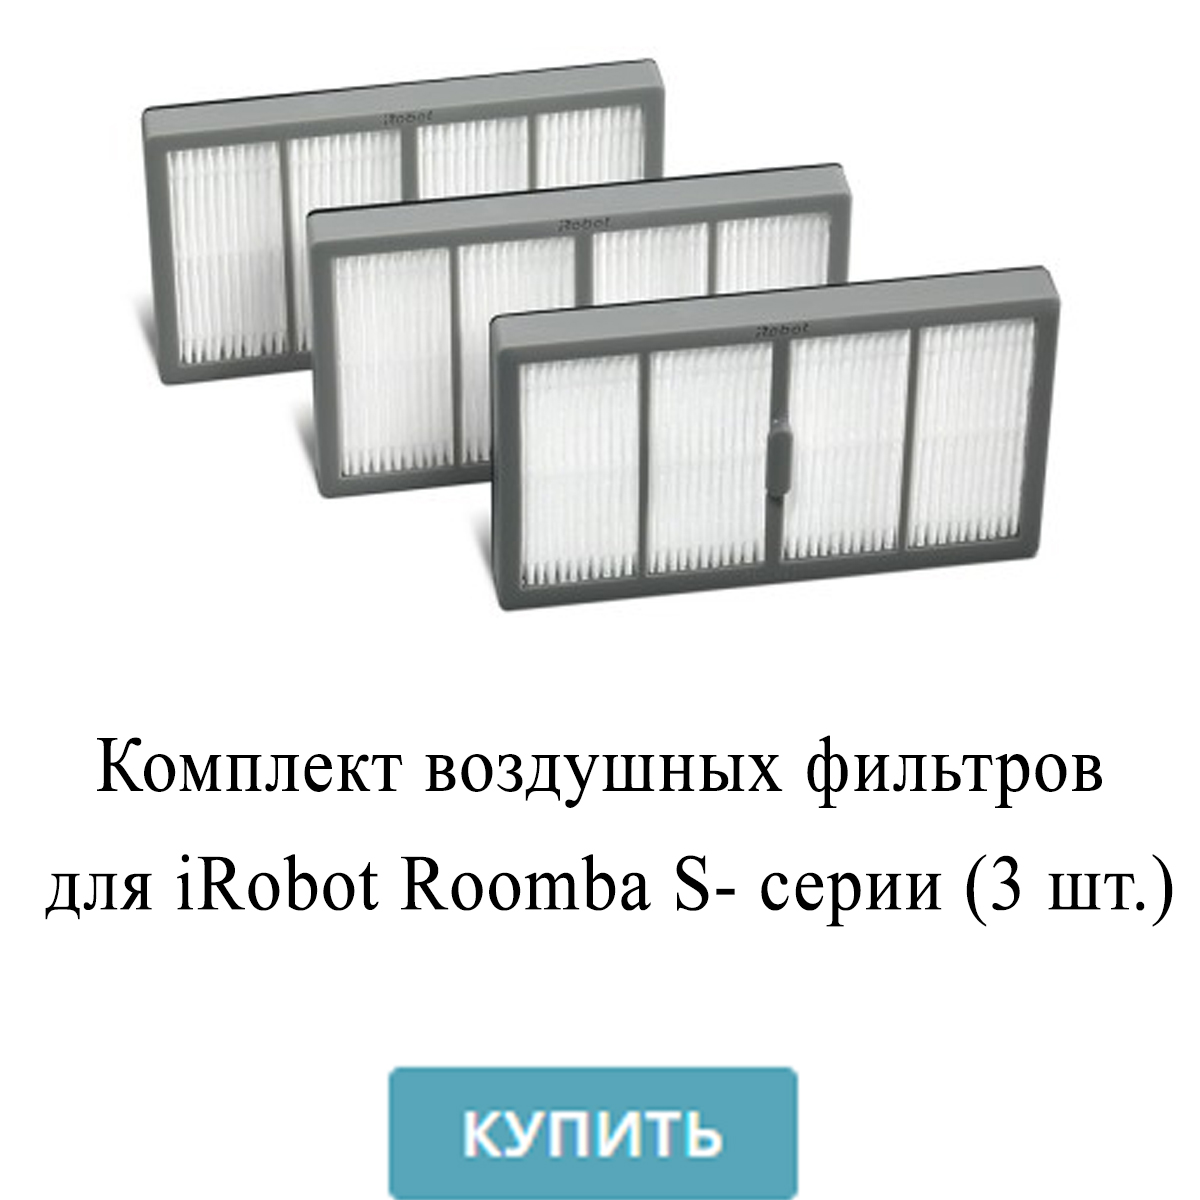 Комплект воздушных фильтров для iRobot Roomba S- серии (3 шт.)